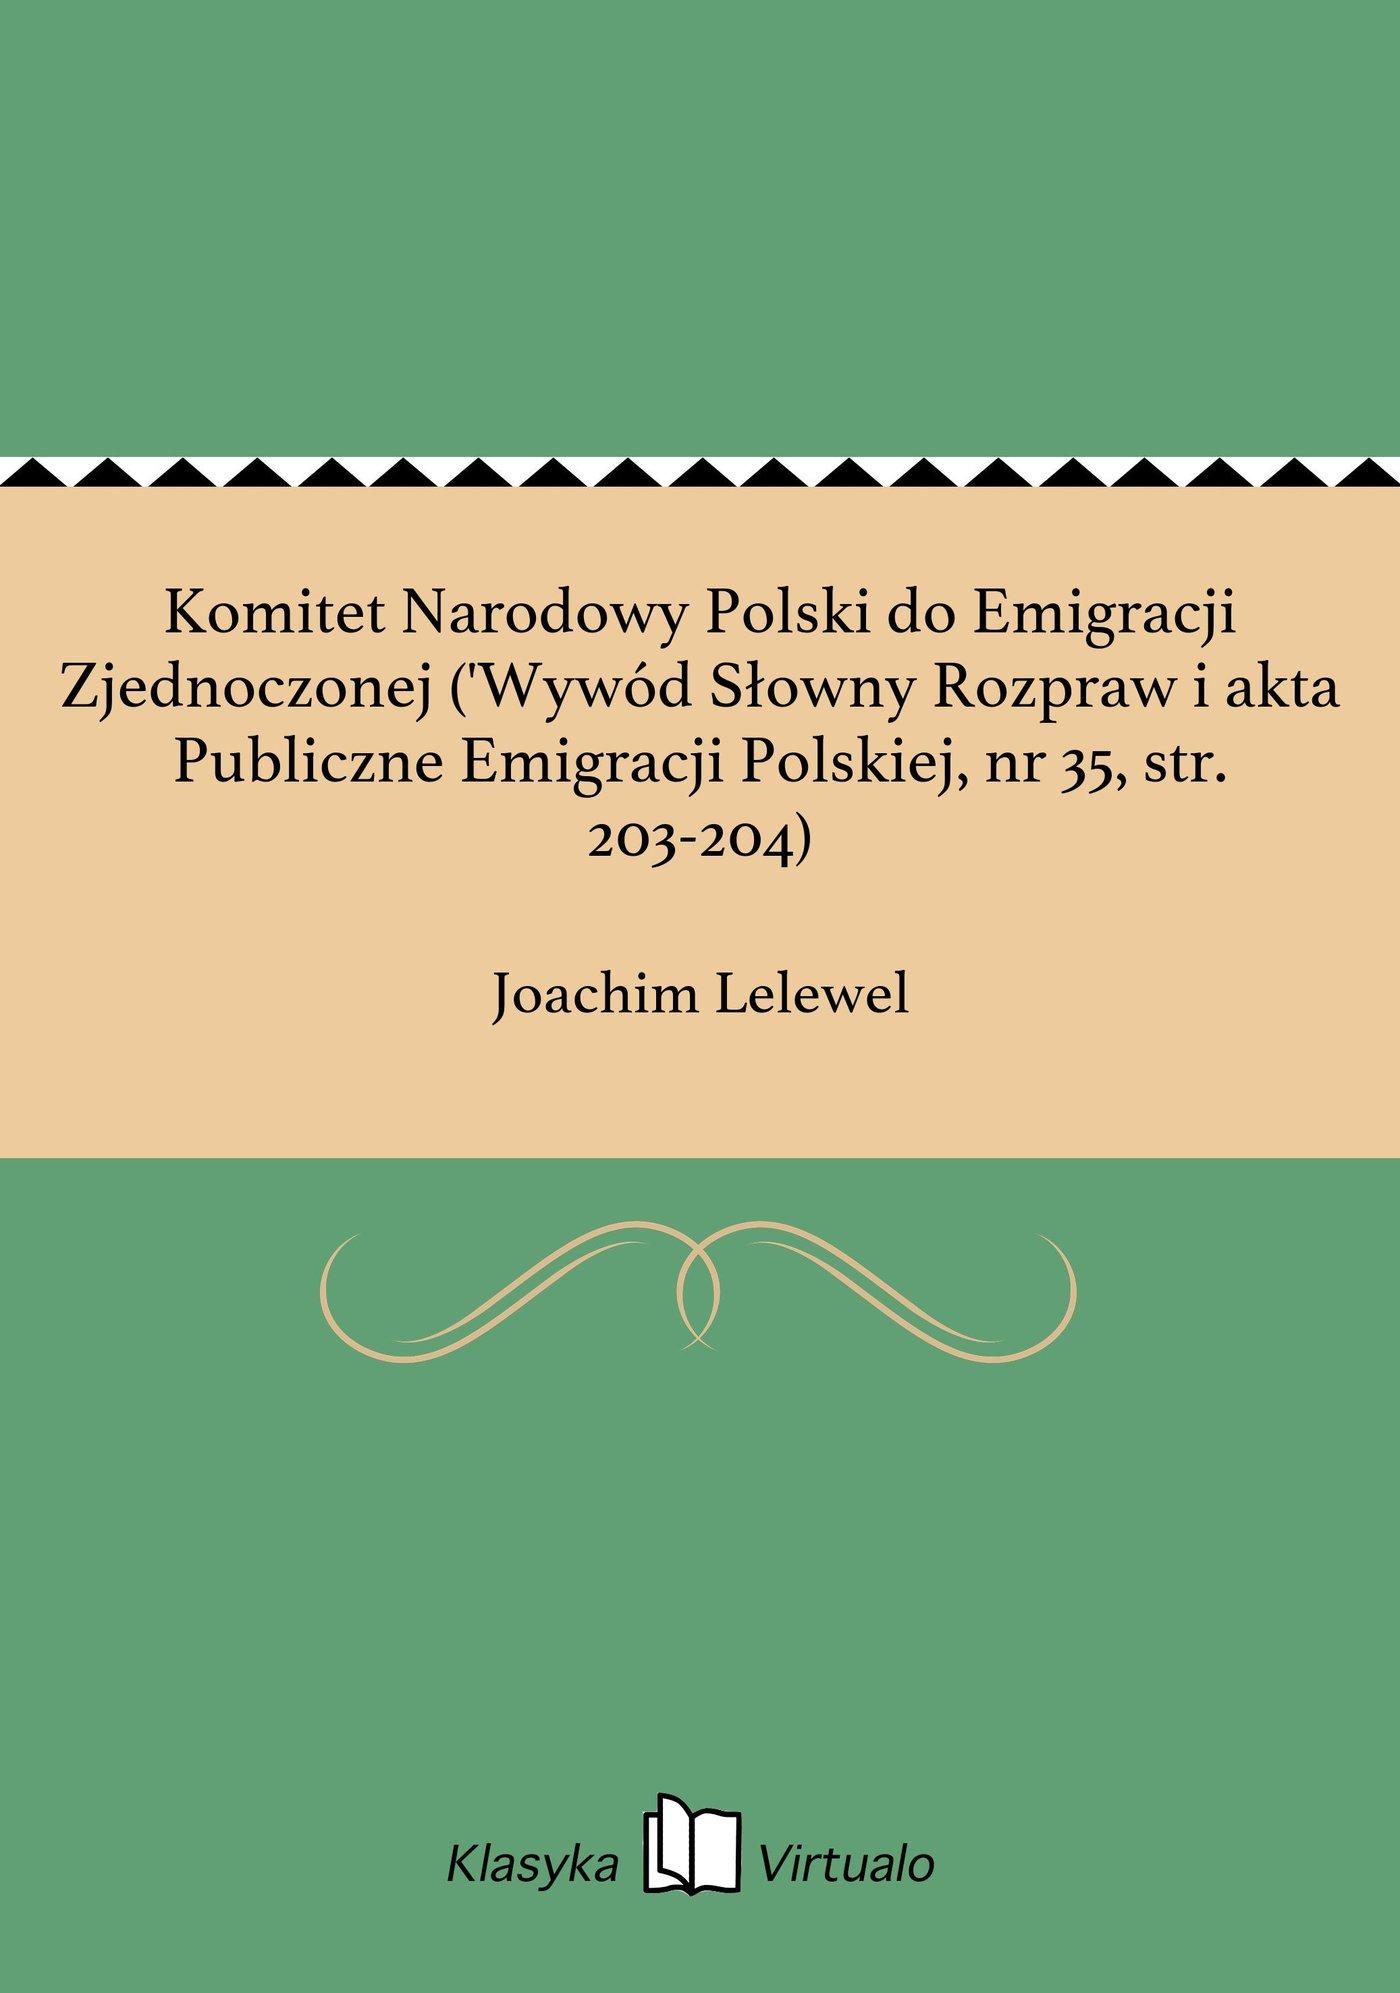 Komitet Narodowy Polski do Emigracji Zjednoczonej ('Wywód Słowny Rozpraw i akta Publiczne Emigracji Polskiej, nr 35, str. 203-204) - Ebook (Książka na Kindle) do pobrania w formacie MOBI